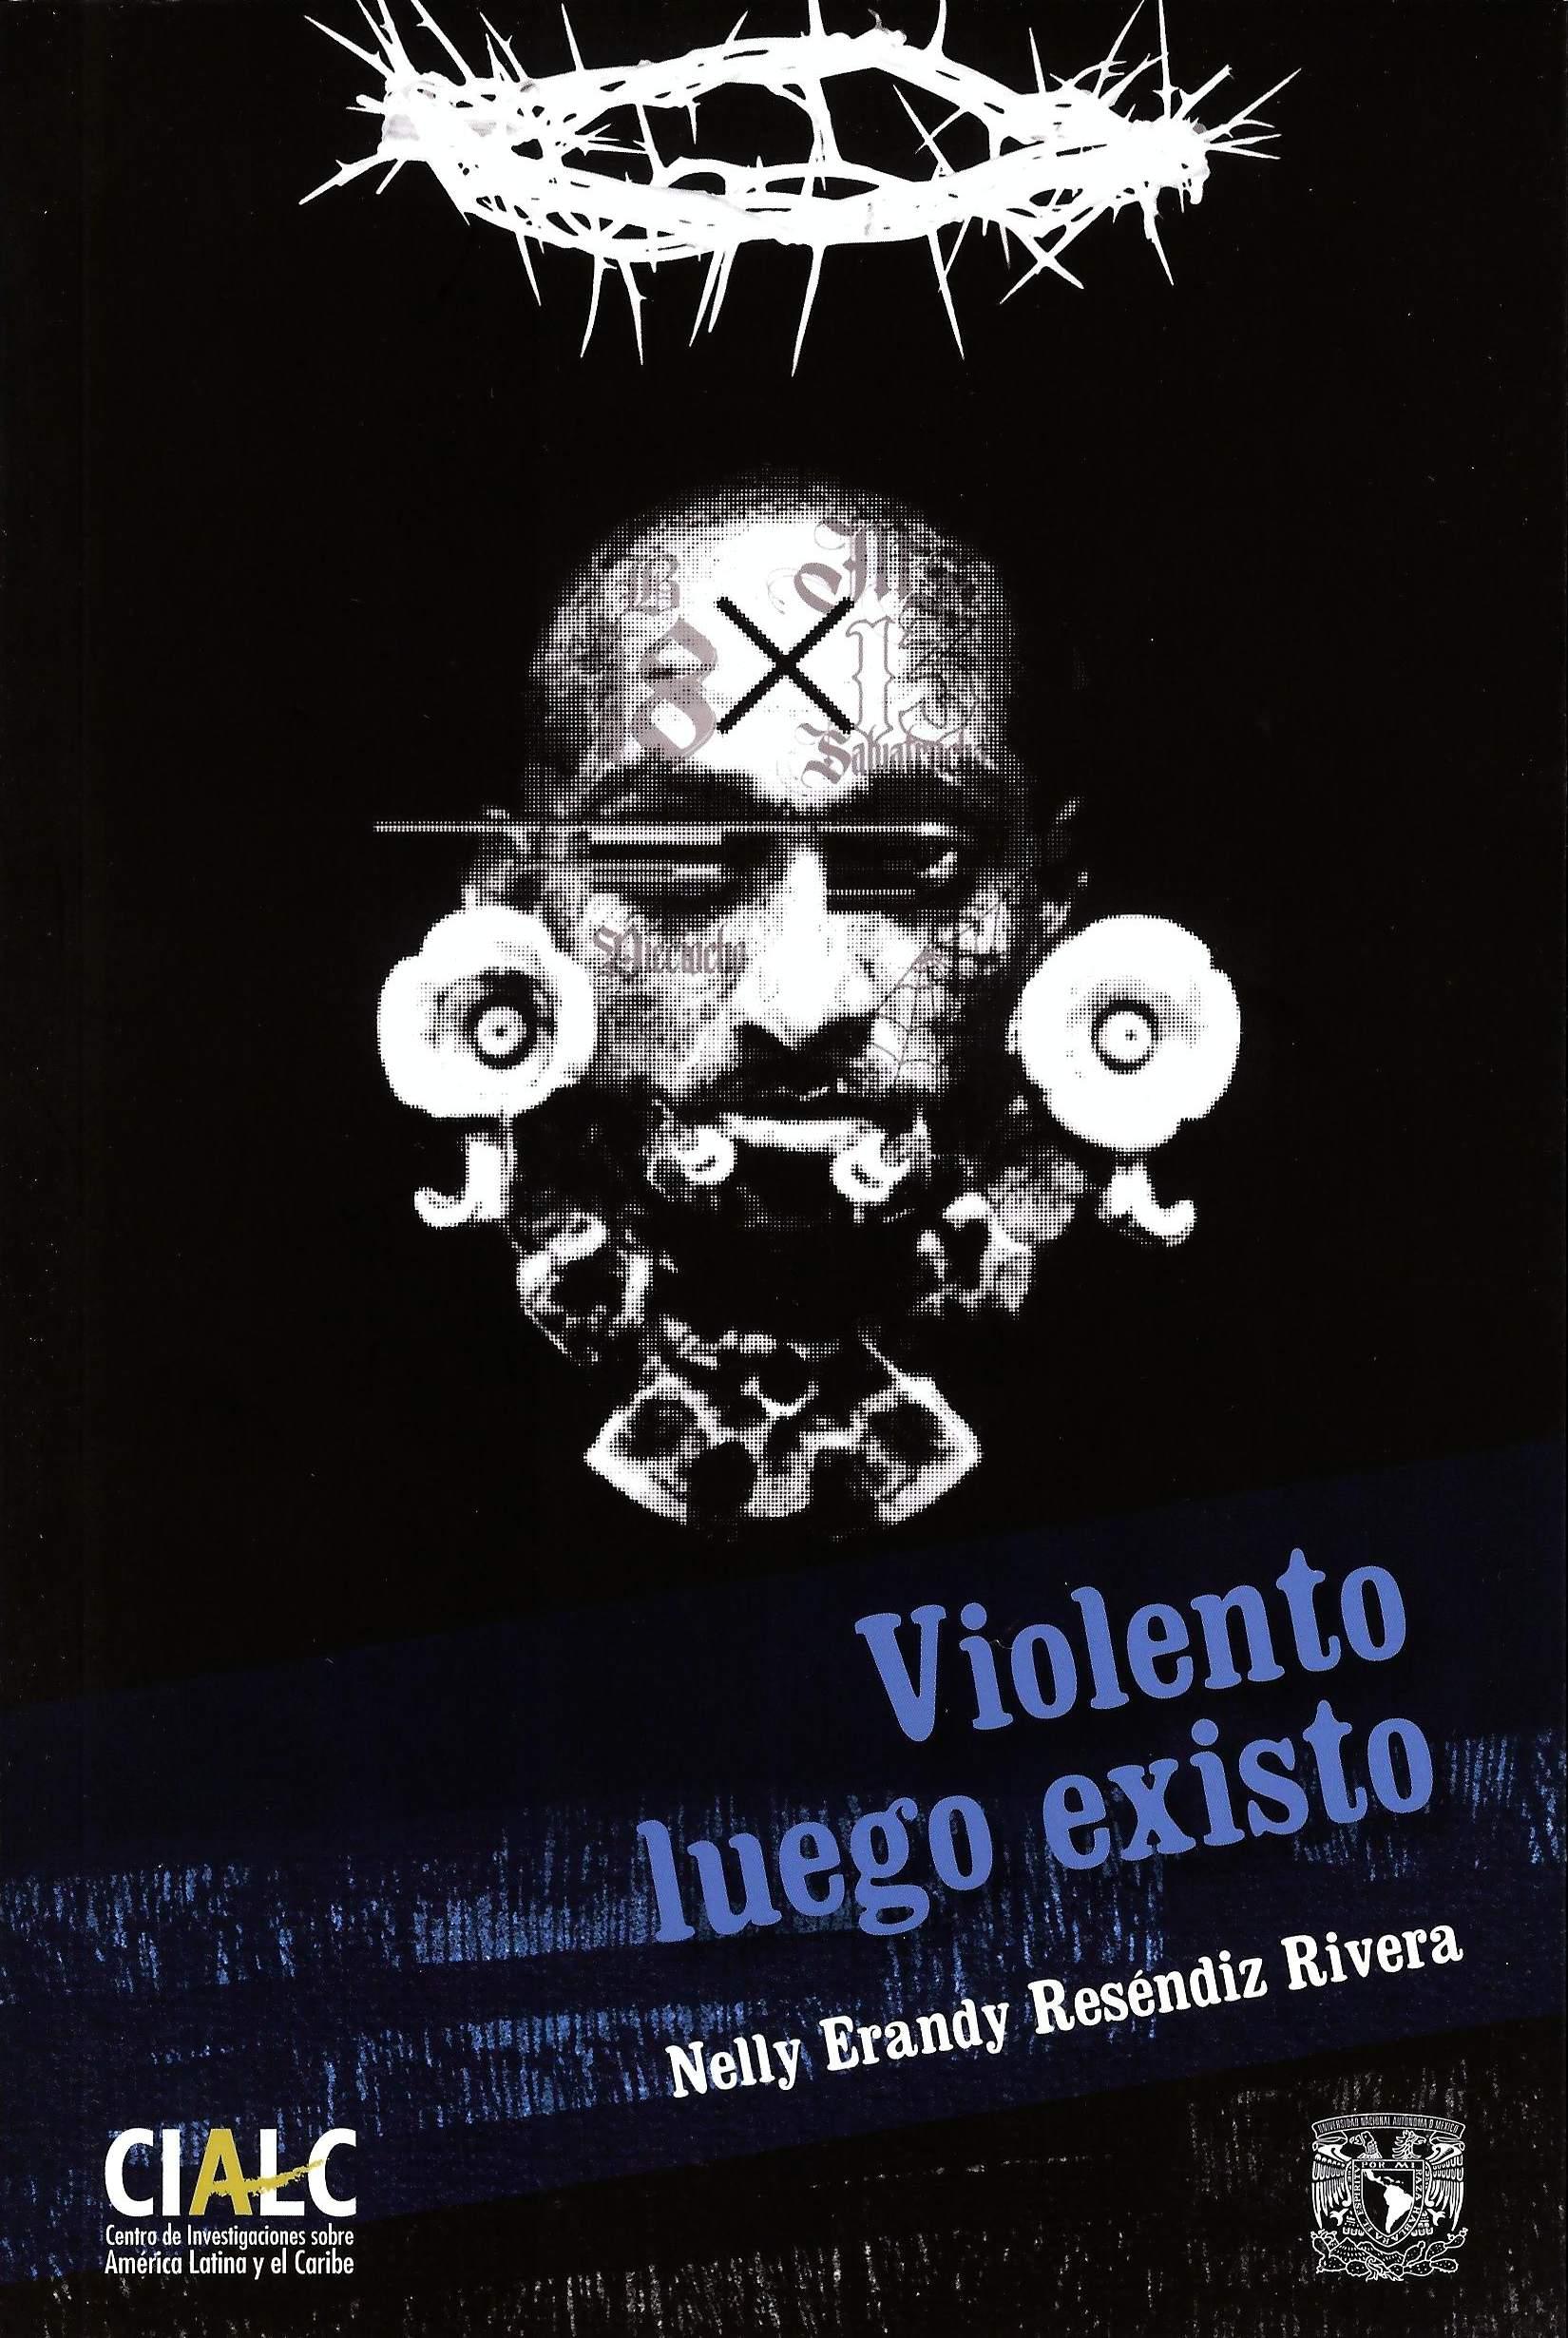 Violento, luego existo: pandillas y maras en Guatemala